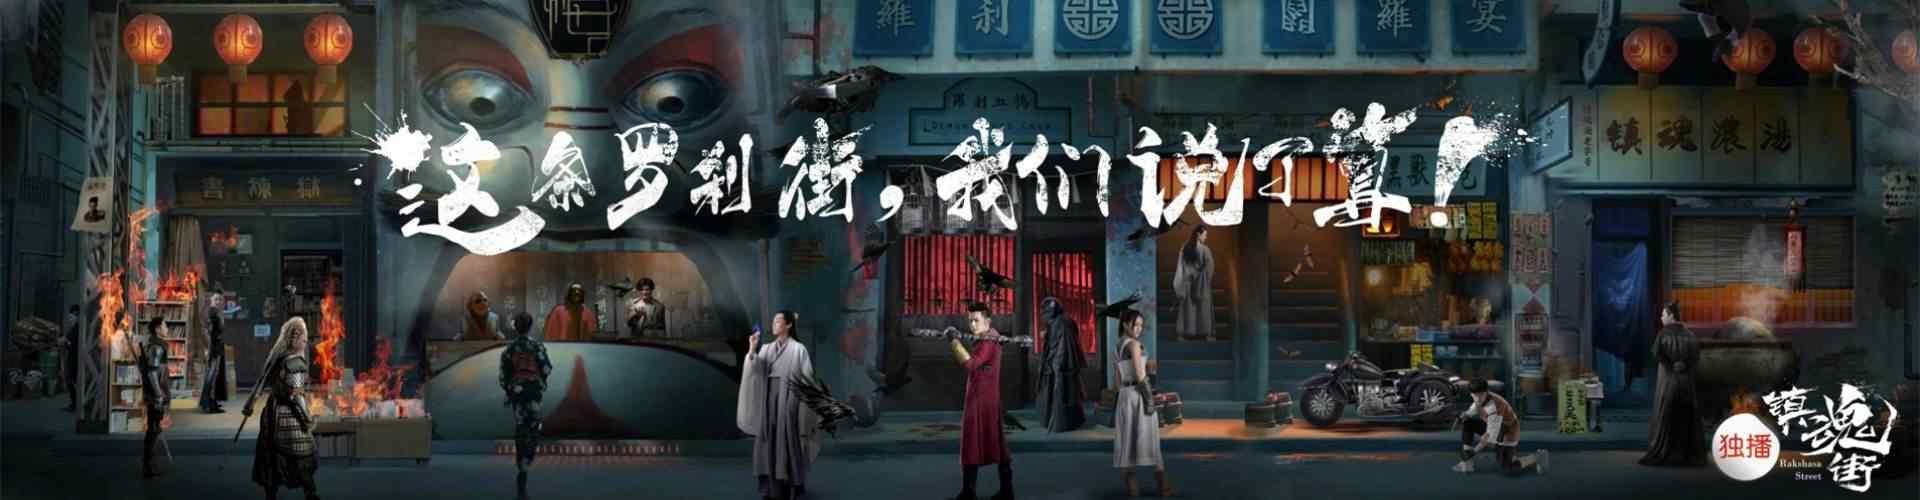 镇魂街_网剧镇魂街图片壁纸_汪东城图片、安悦溪图片_影视壁纸